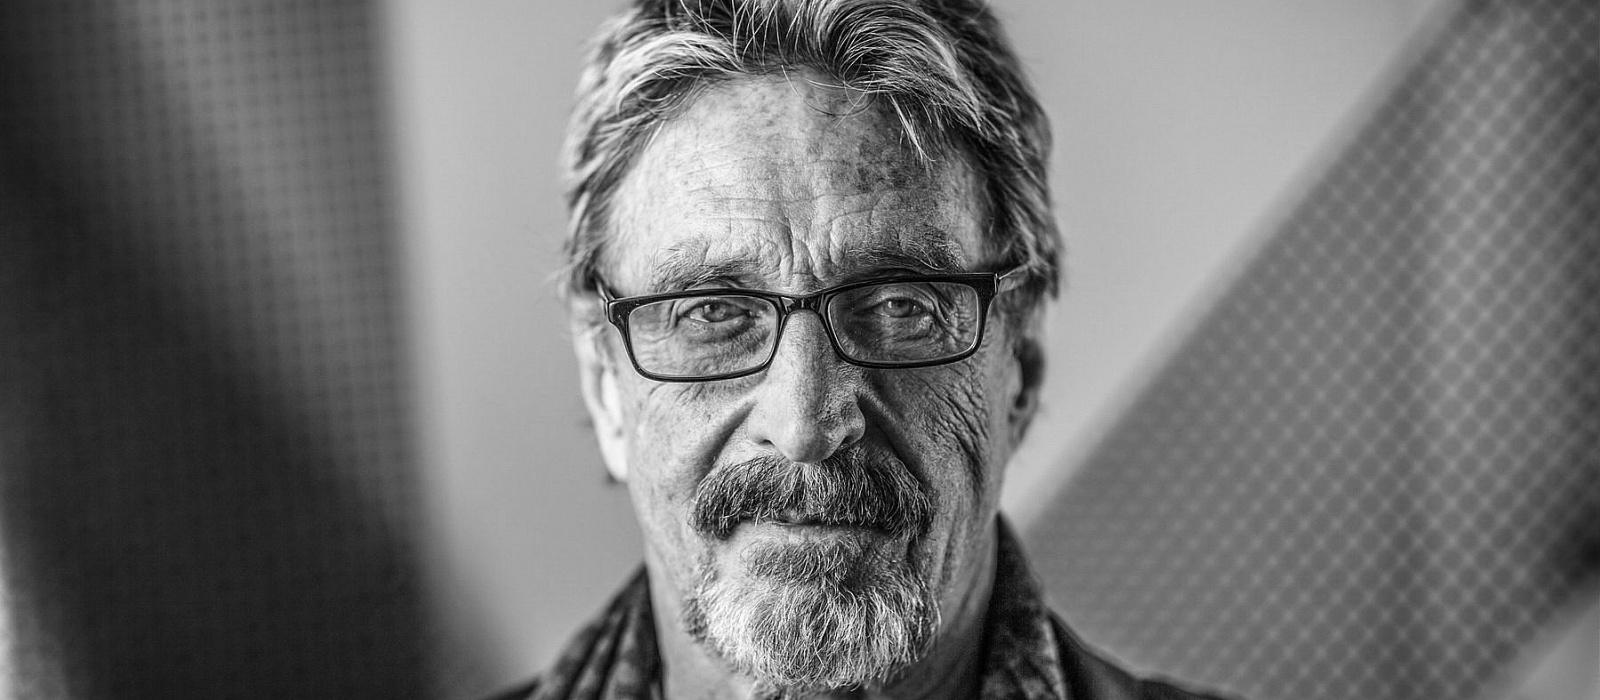 McAfee Antivirus-Erfinder John McAfee tot im Gefängnis aufgefunden